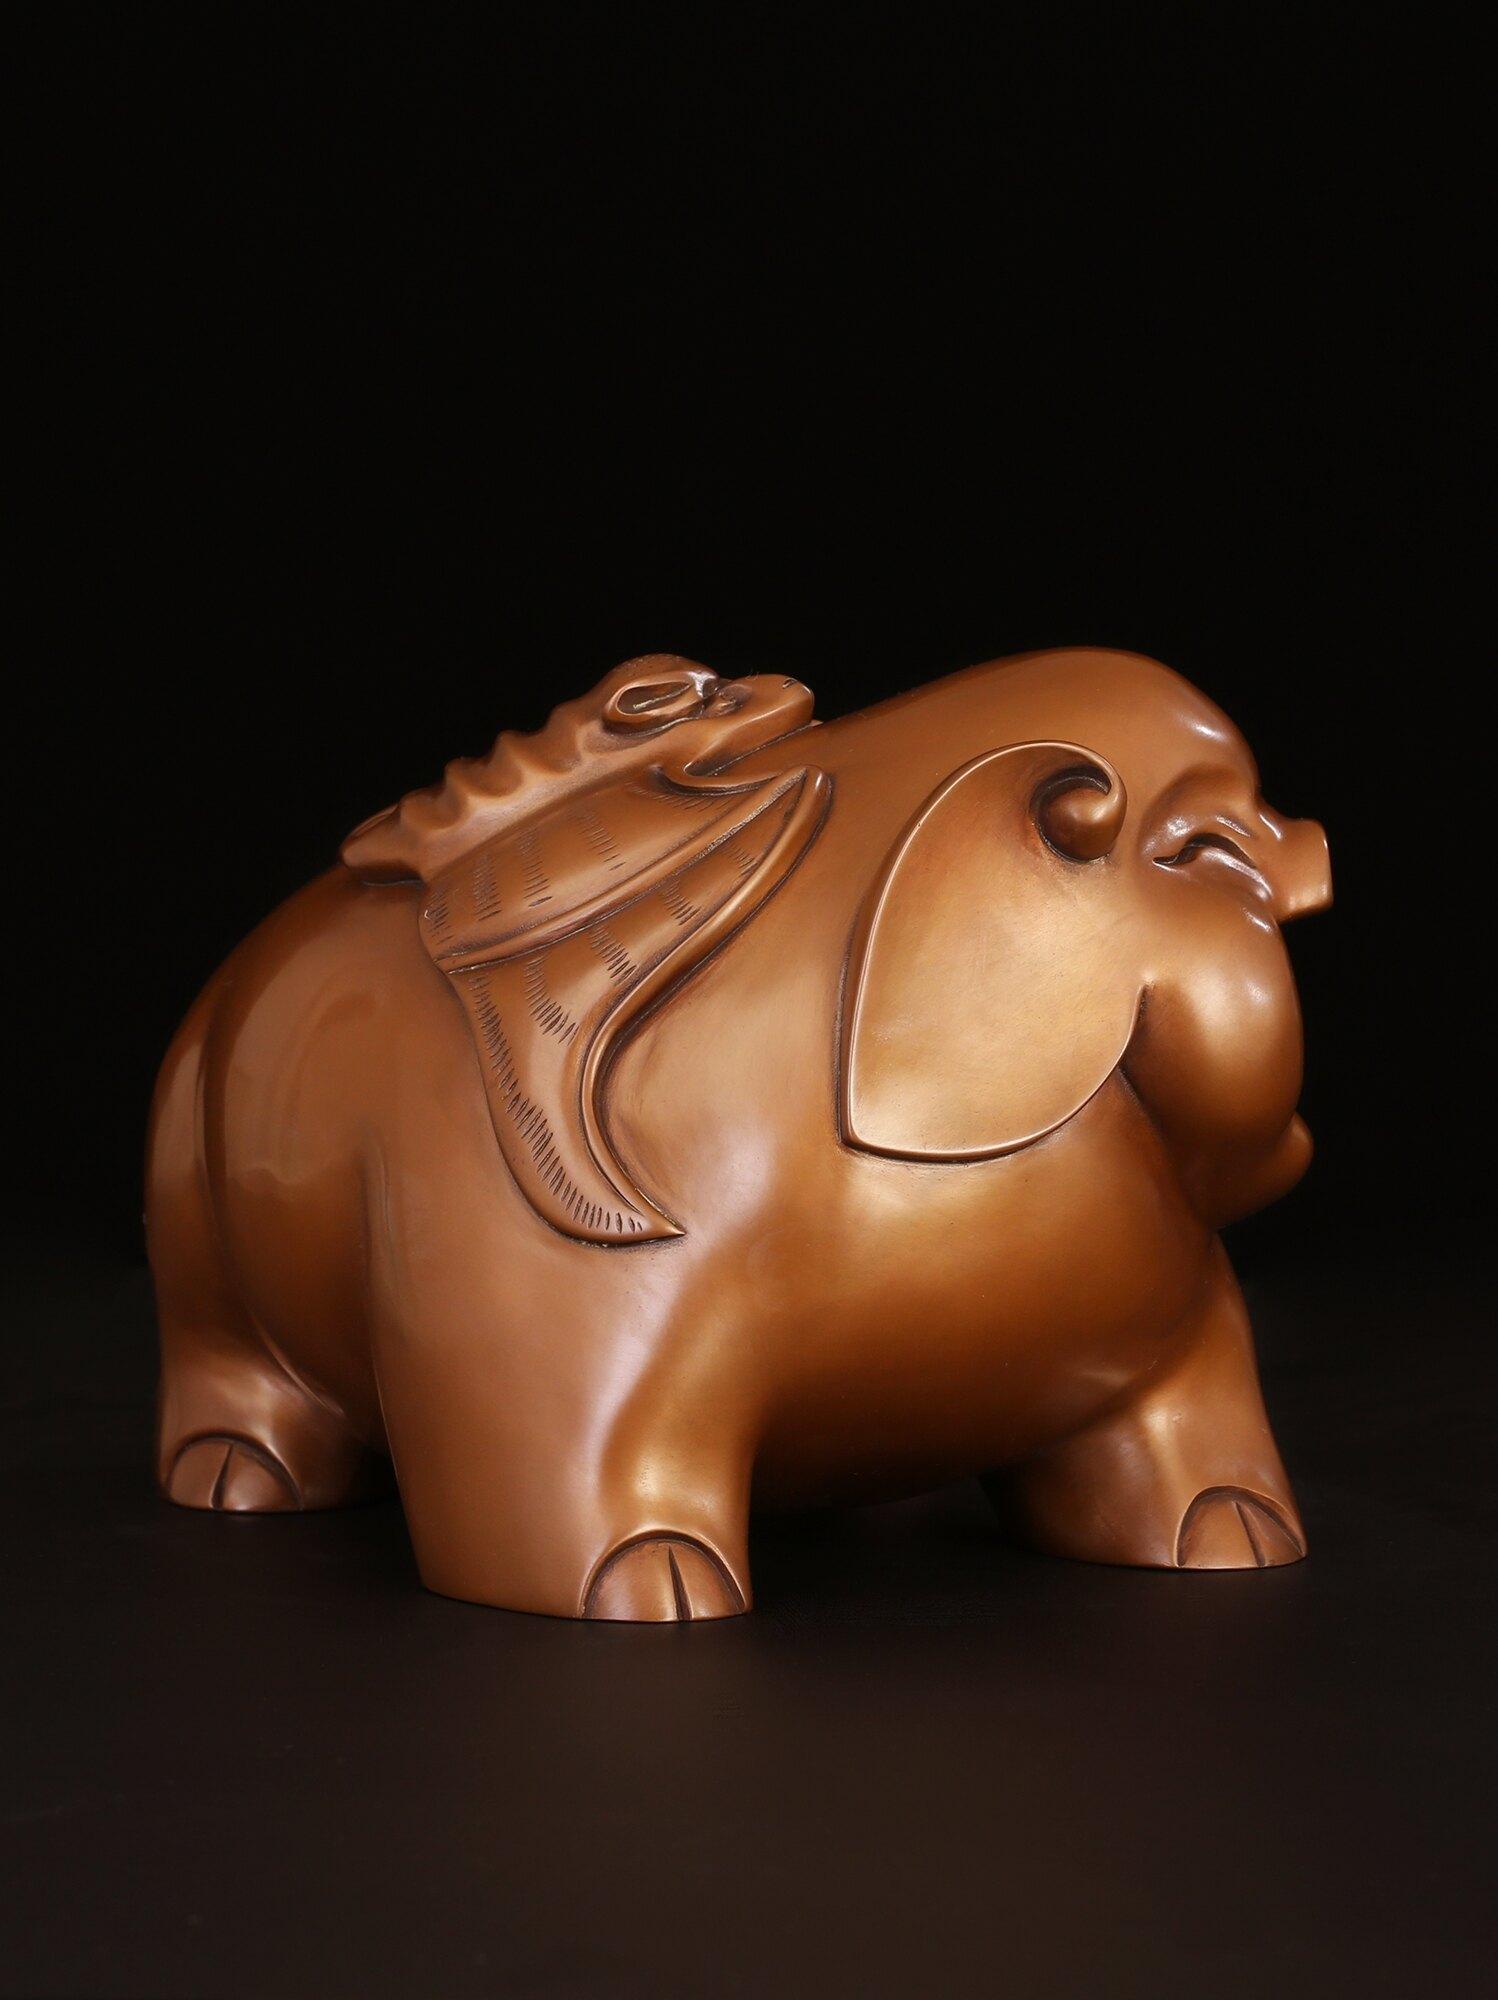 匠澤銅魂 純銅豬擺件大旺財豬辦公室客廳風水招財家居裝飾品擺設